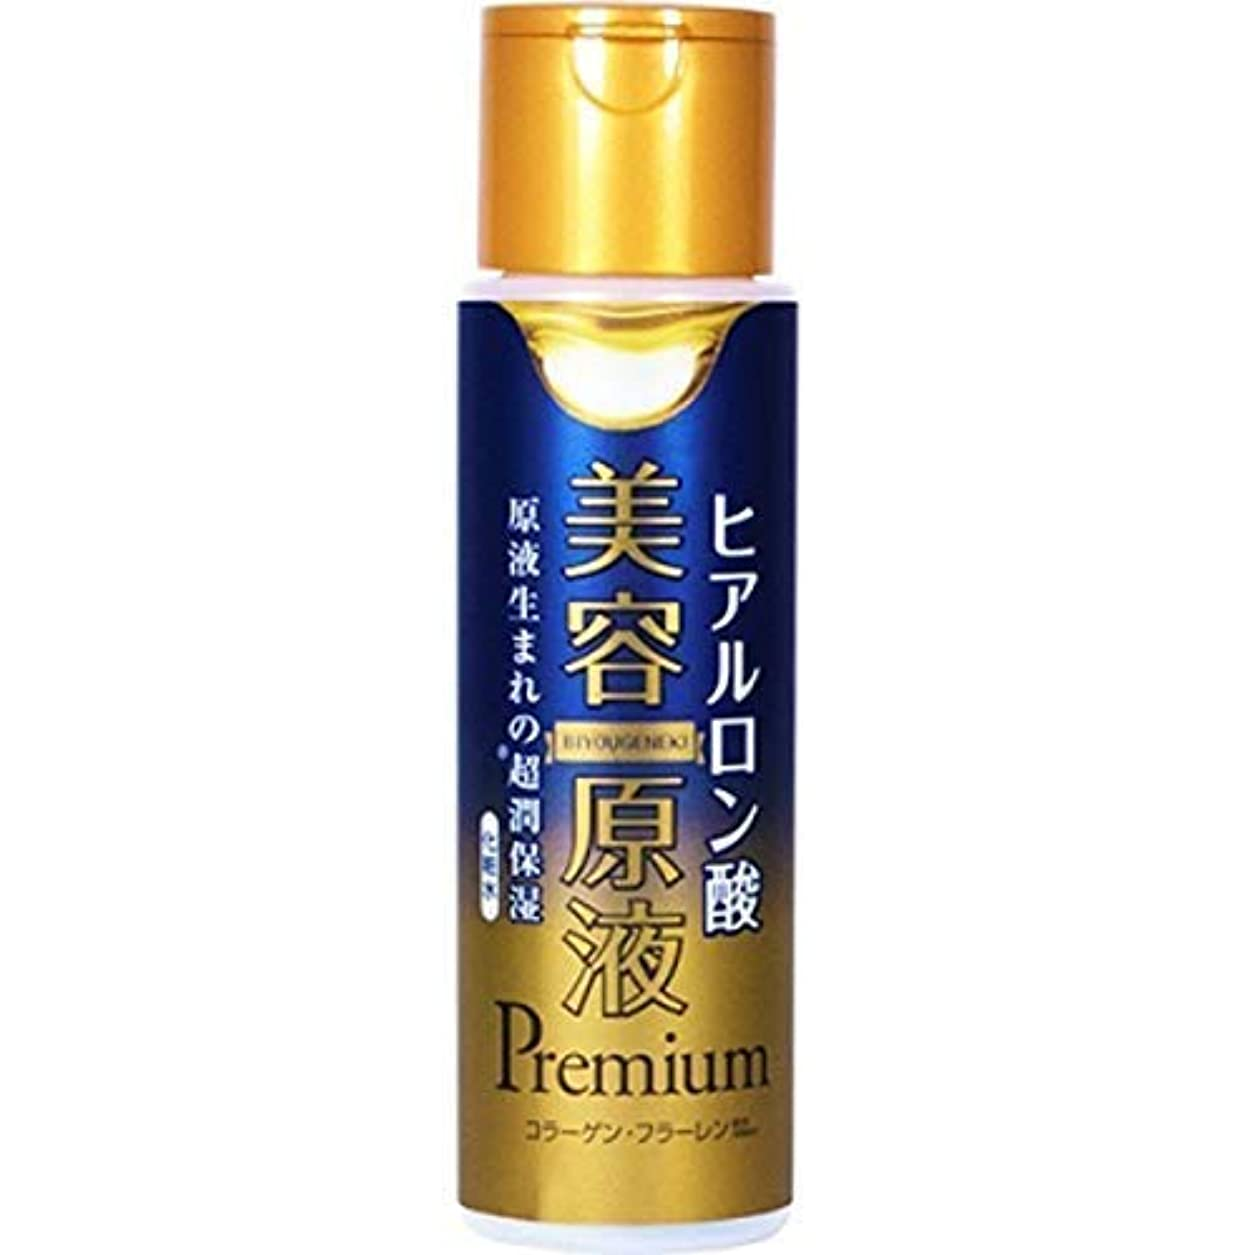 好きおびえた覚えている美容原液 超潤化粧水 コラーゲン&ヒアルロン酸 185mL (化粧水 ローション 高保湿)